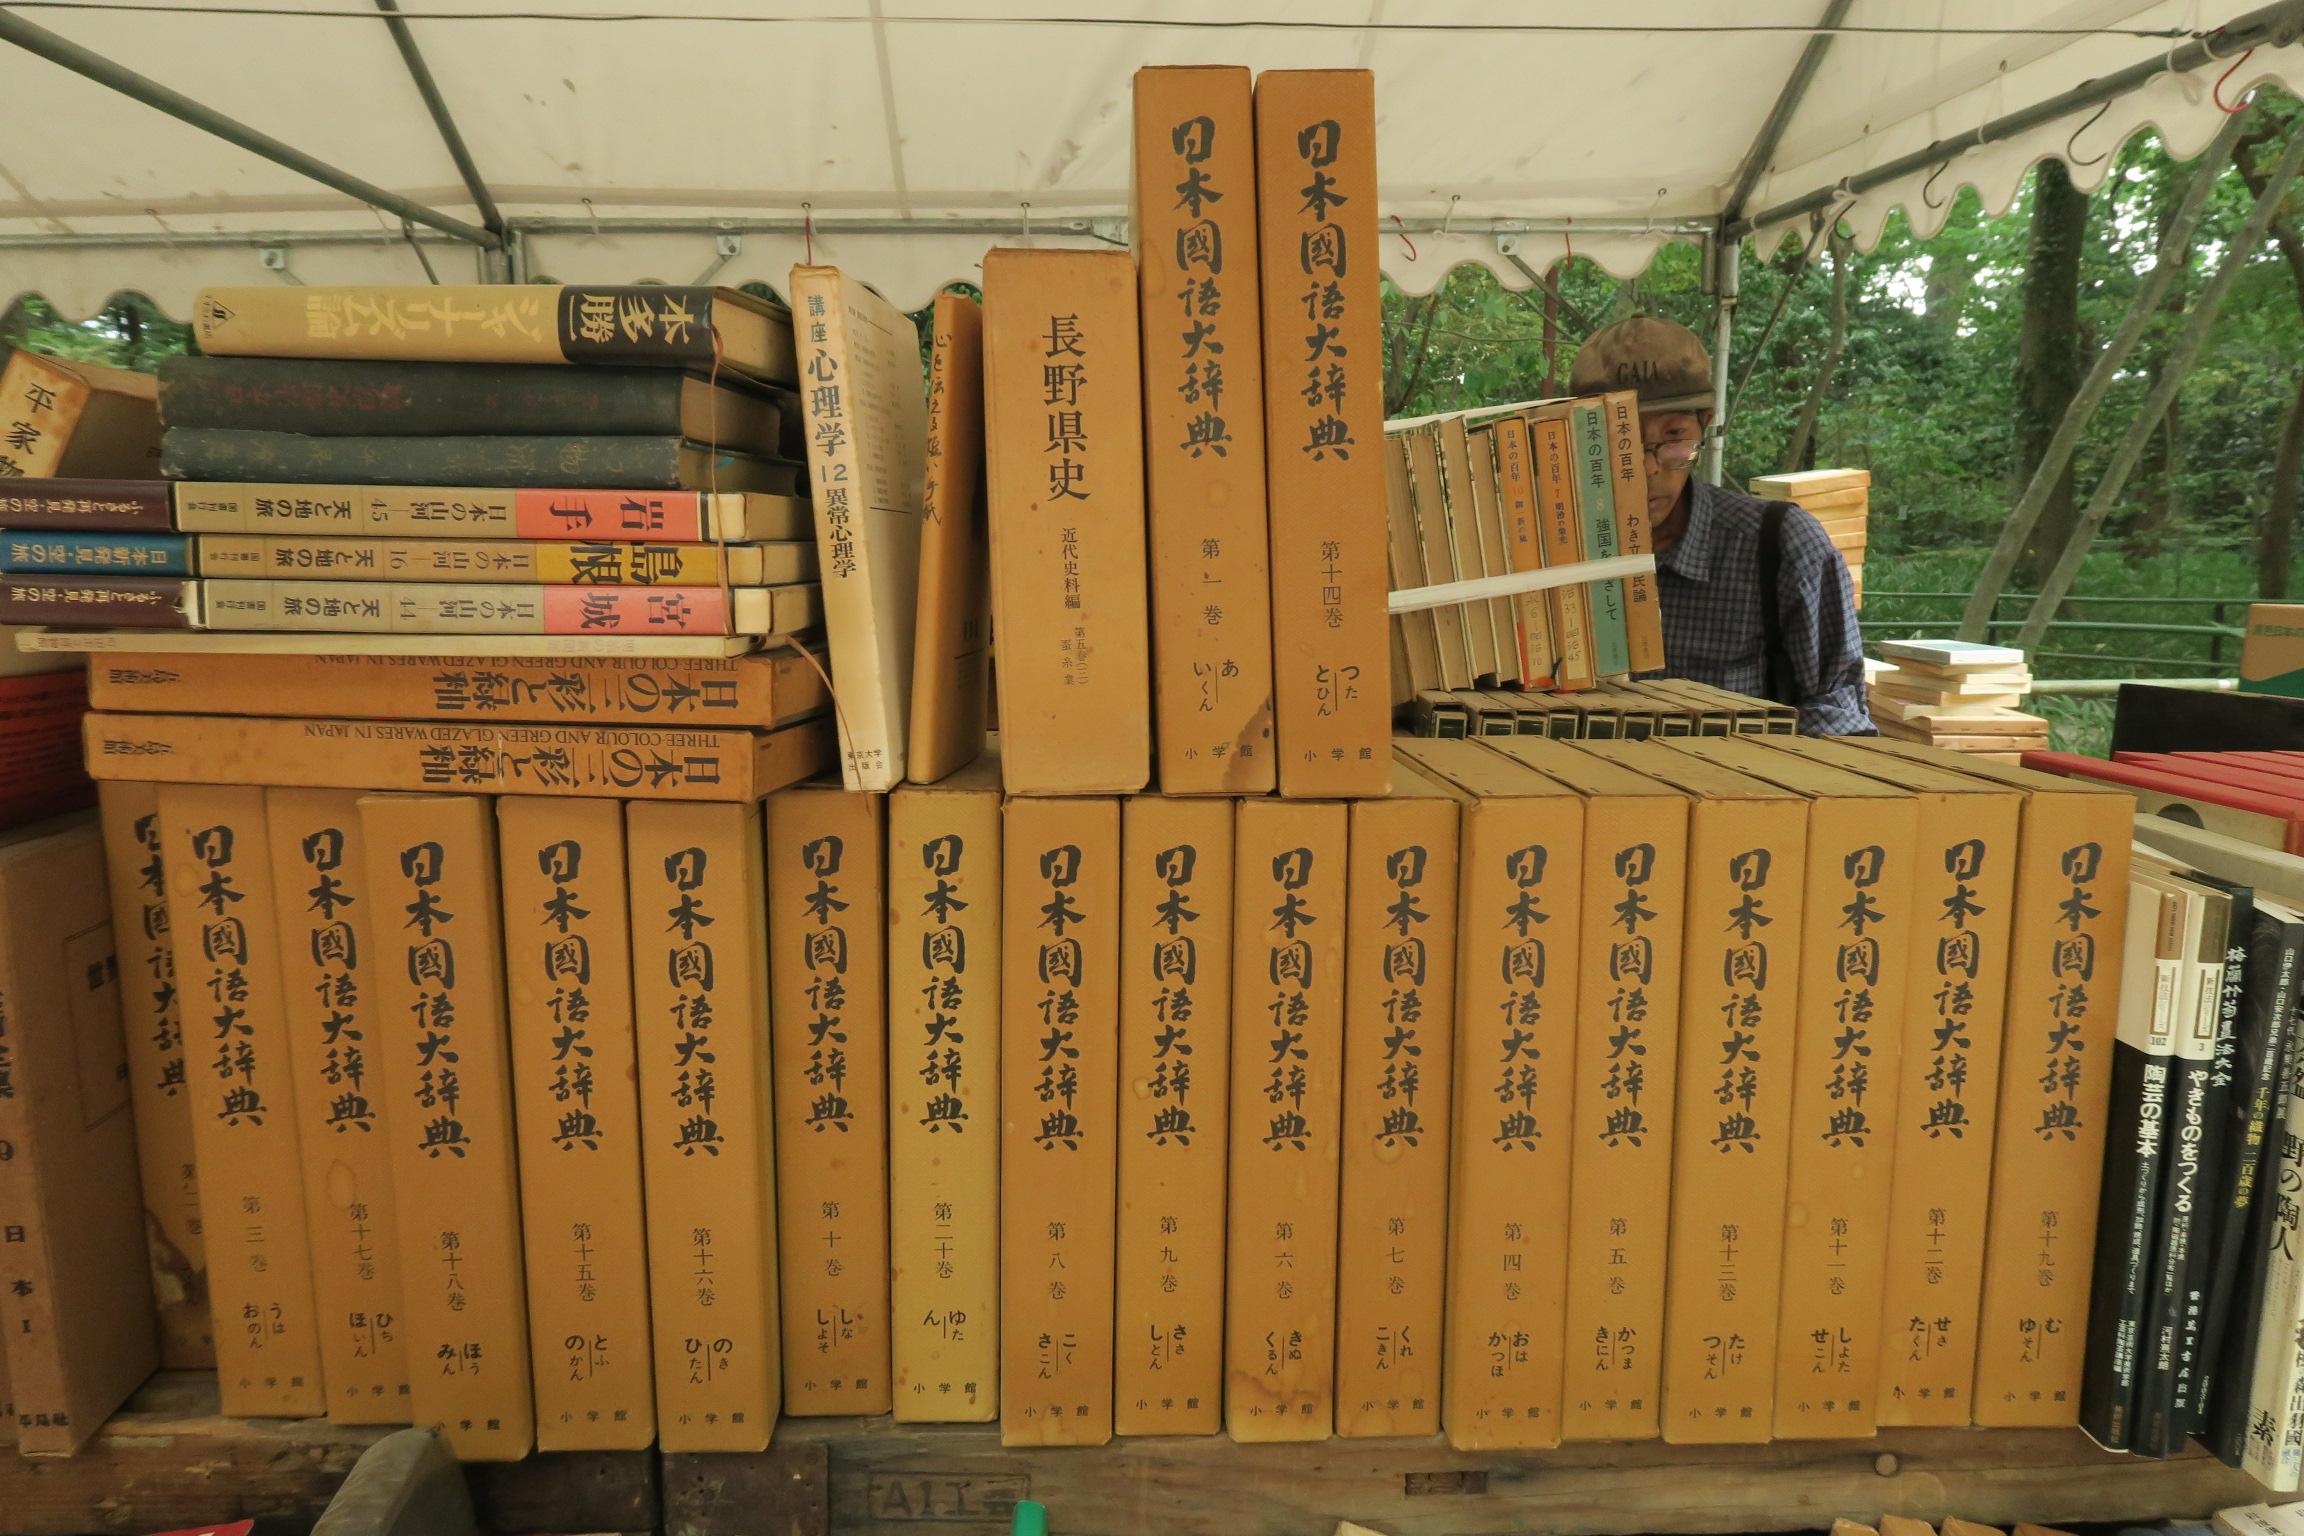 日本国語大辞典全20巻。辞書作りは苦労の多い出版社の仕事の一つ。現代のものと比較してみてはいかが?